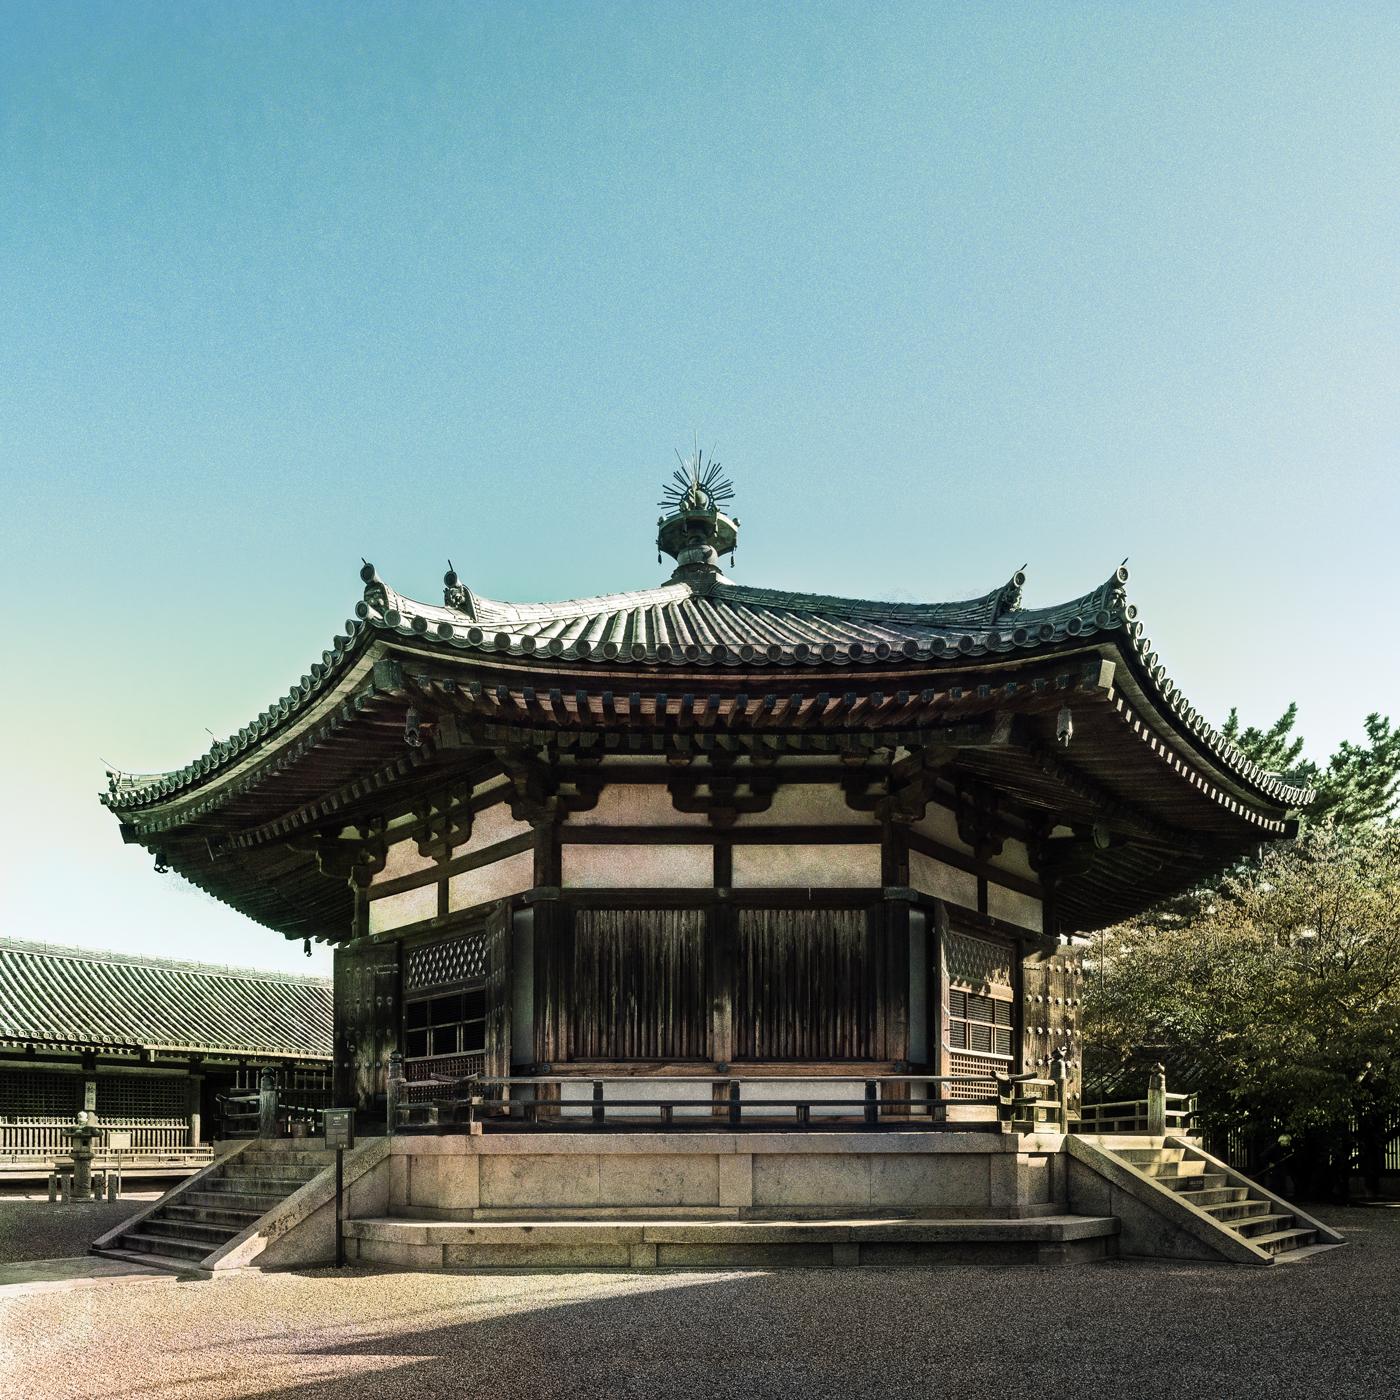 レトロに表現した法隆寺夢殿、レトロ写真, Horyuji, retoro, Yumedono, monochrome, デジタルネガ